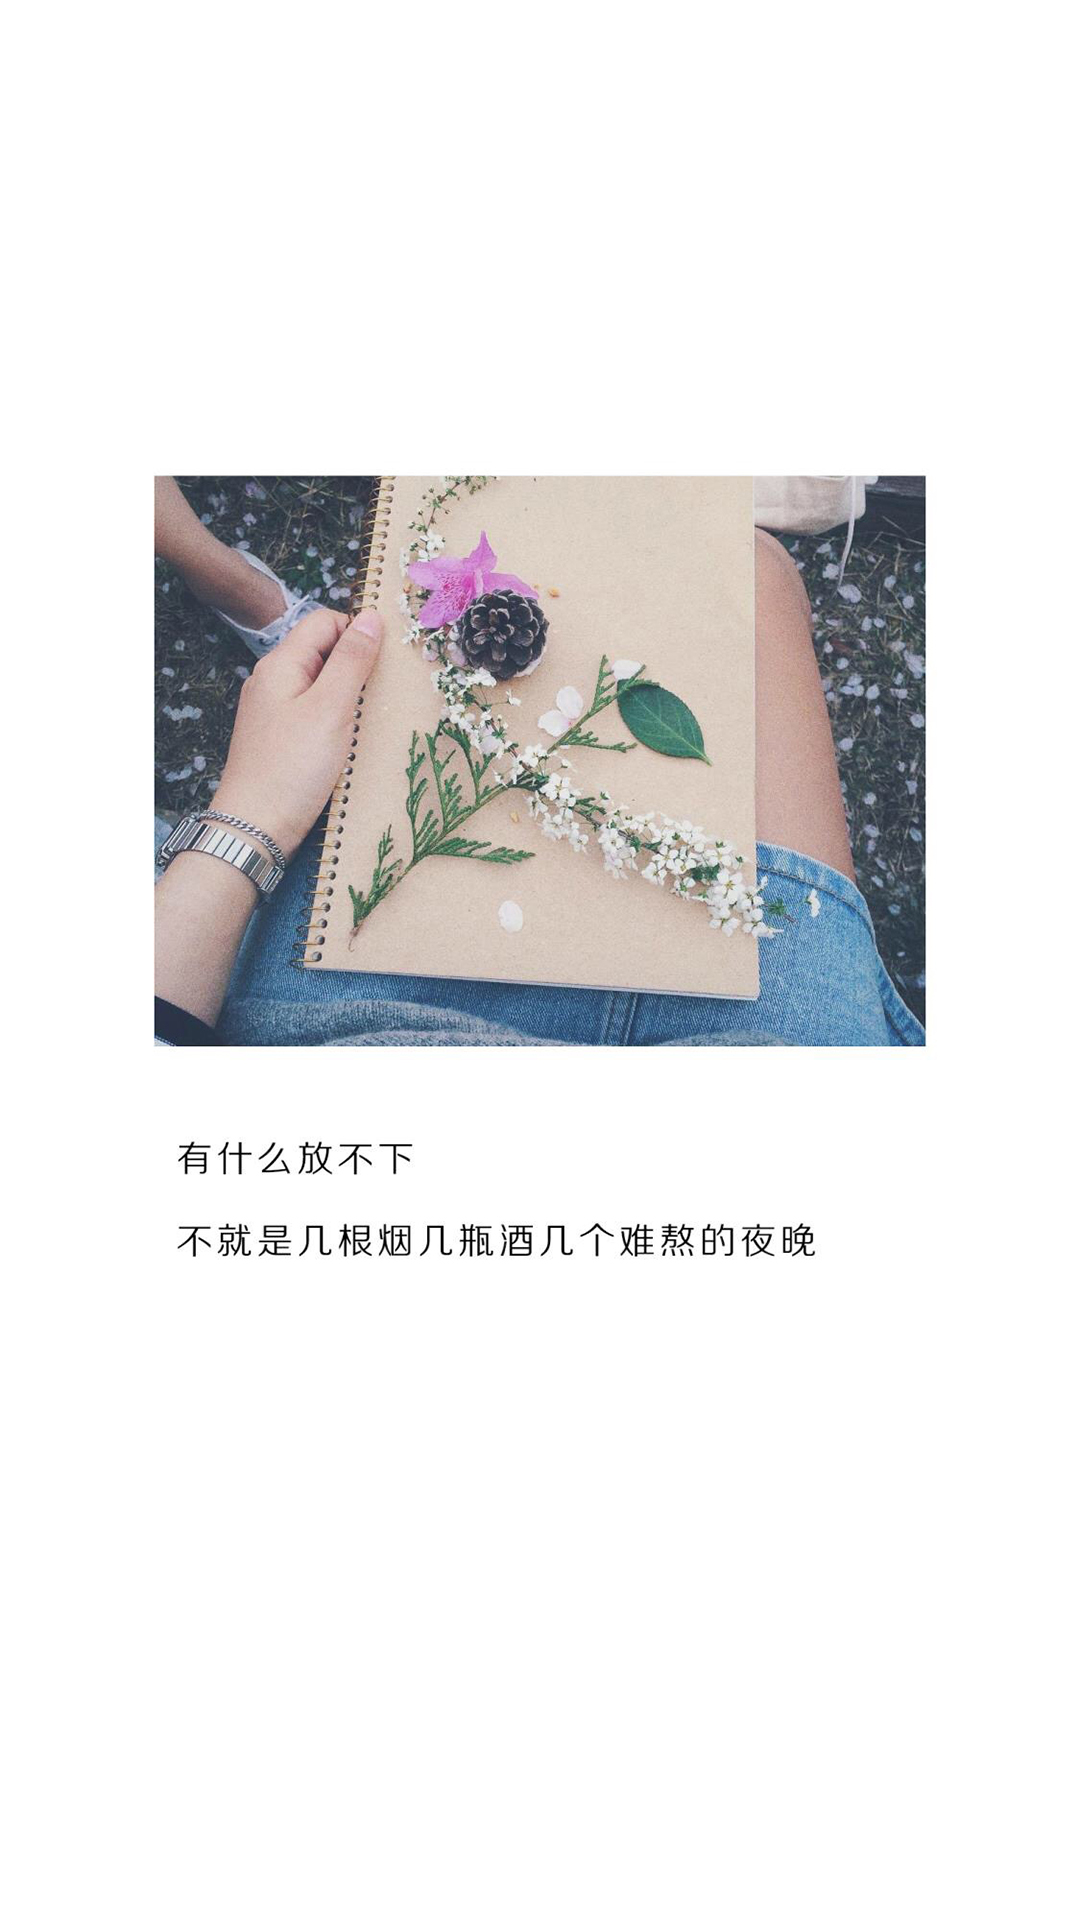 经典情话语录高清花卉手机壁纸图片